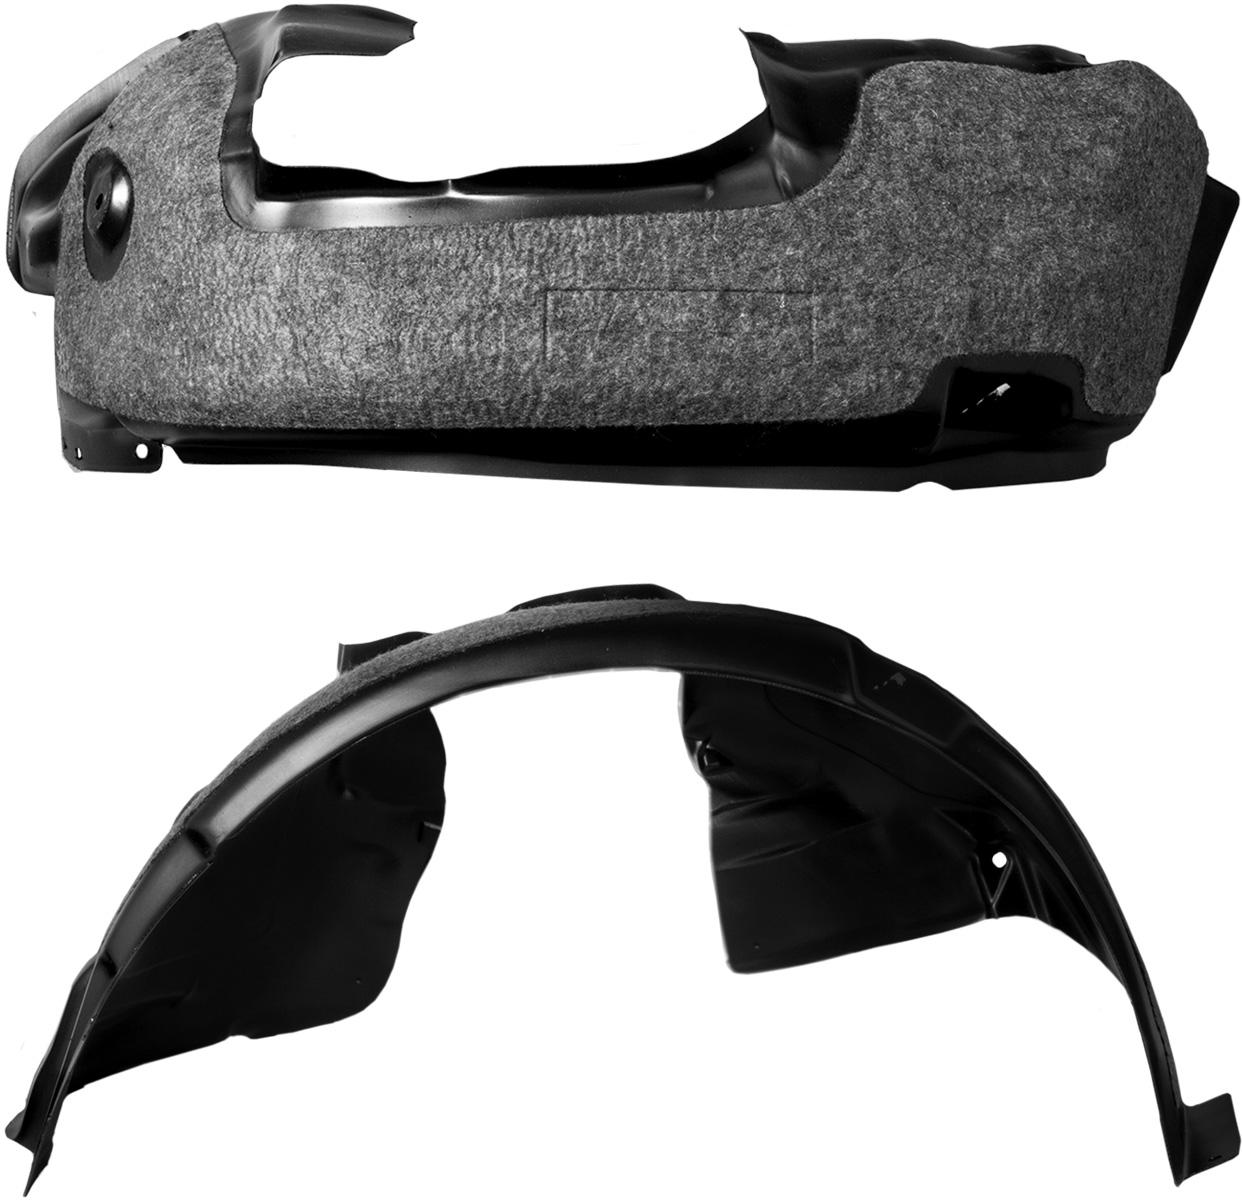 Подкрылок с шумоизоляцией Novline-Autofamily, для Peugeot Boxer, 08/2014 ->, без расширителей арок (передний левый)NLS.38.20.001Подкрылок с шумоизоляцией - революционный продукт, совмещающий в себе все достоинства обычного подкрылка, и в то же время являющийся одним из наиболее эффективных средств борьбы с внешним шумом в салоне автомобиля. Подкрылки бренда Novline-Autofamily разрабатываются индивидуально для каждого автомобиля с использованием метода 3D-сканирования. В качестве шумоизолирующего слоя применяется легкое синтетическое нетканое полотно толщиной 10 мм, которое отталкивает влагу, сохраняет свои шумоизоляционные свойства на протяжении всего периода эксплуатации. Подкрылки с шумоизоляцией не имеют эксплуатационных ограничений и устанавливаются один раз на весь срок службы автомобиля. Подкрылки с шумоизоляцией не имеют аналогов и являются российским изобретением, получившим признание во всём мире. Уважаемые клиенты! Обращаем ваше внимание, фото может не полностью соответствовать оригиналу.